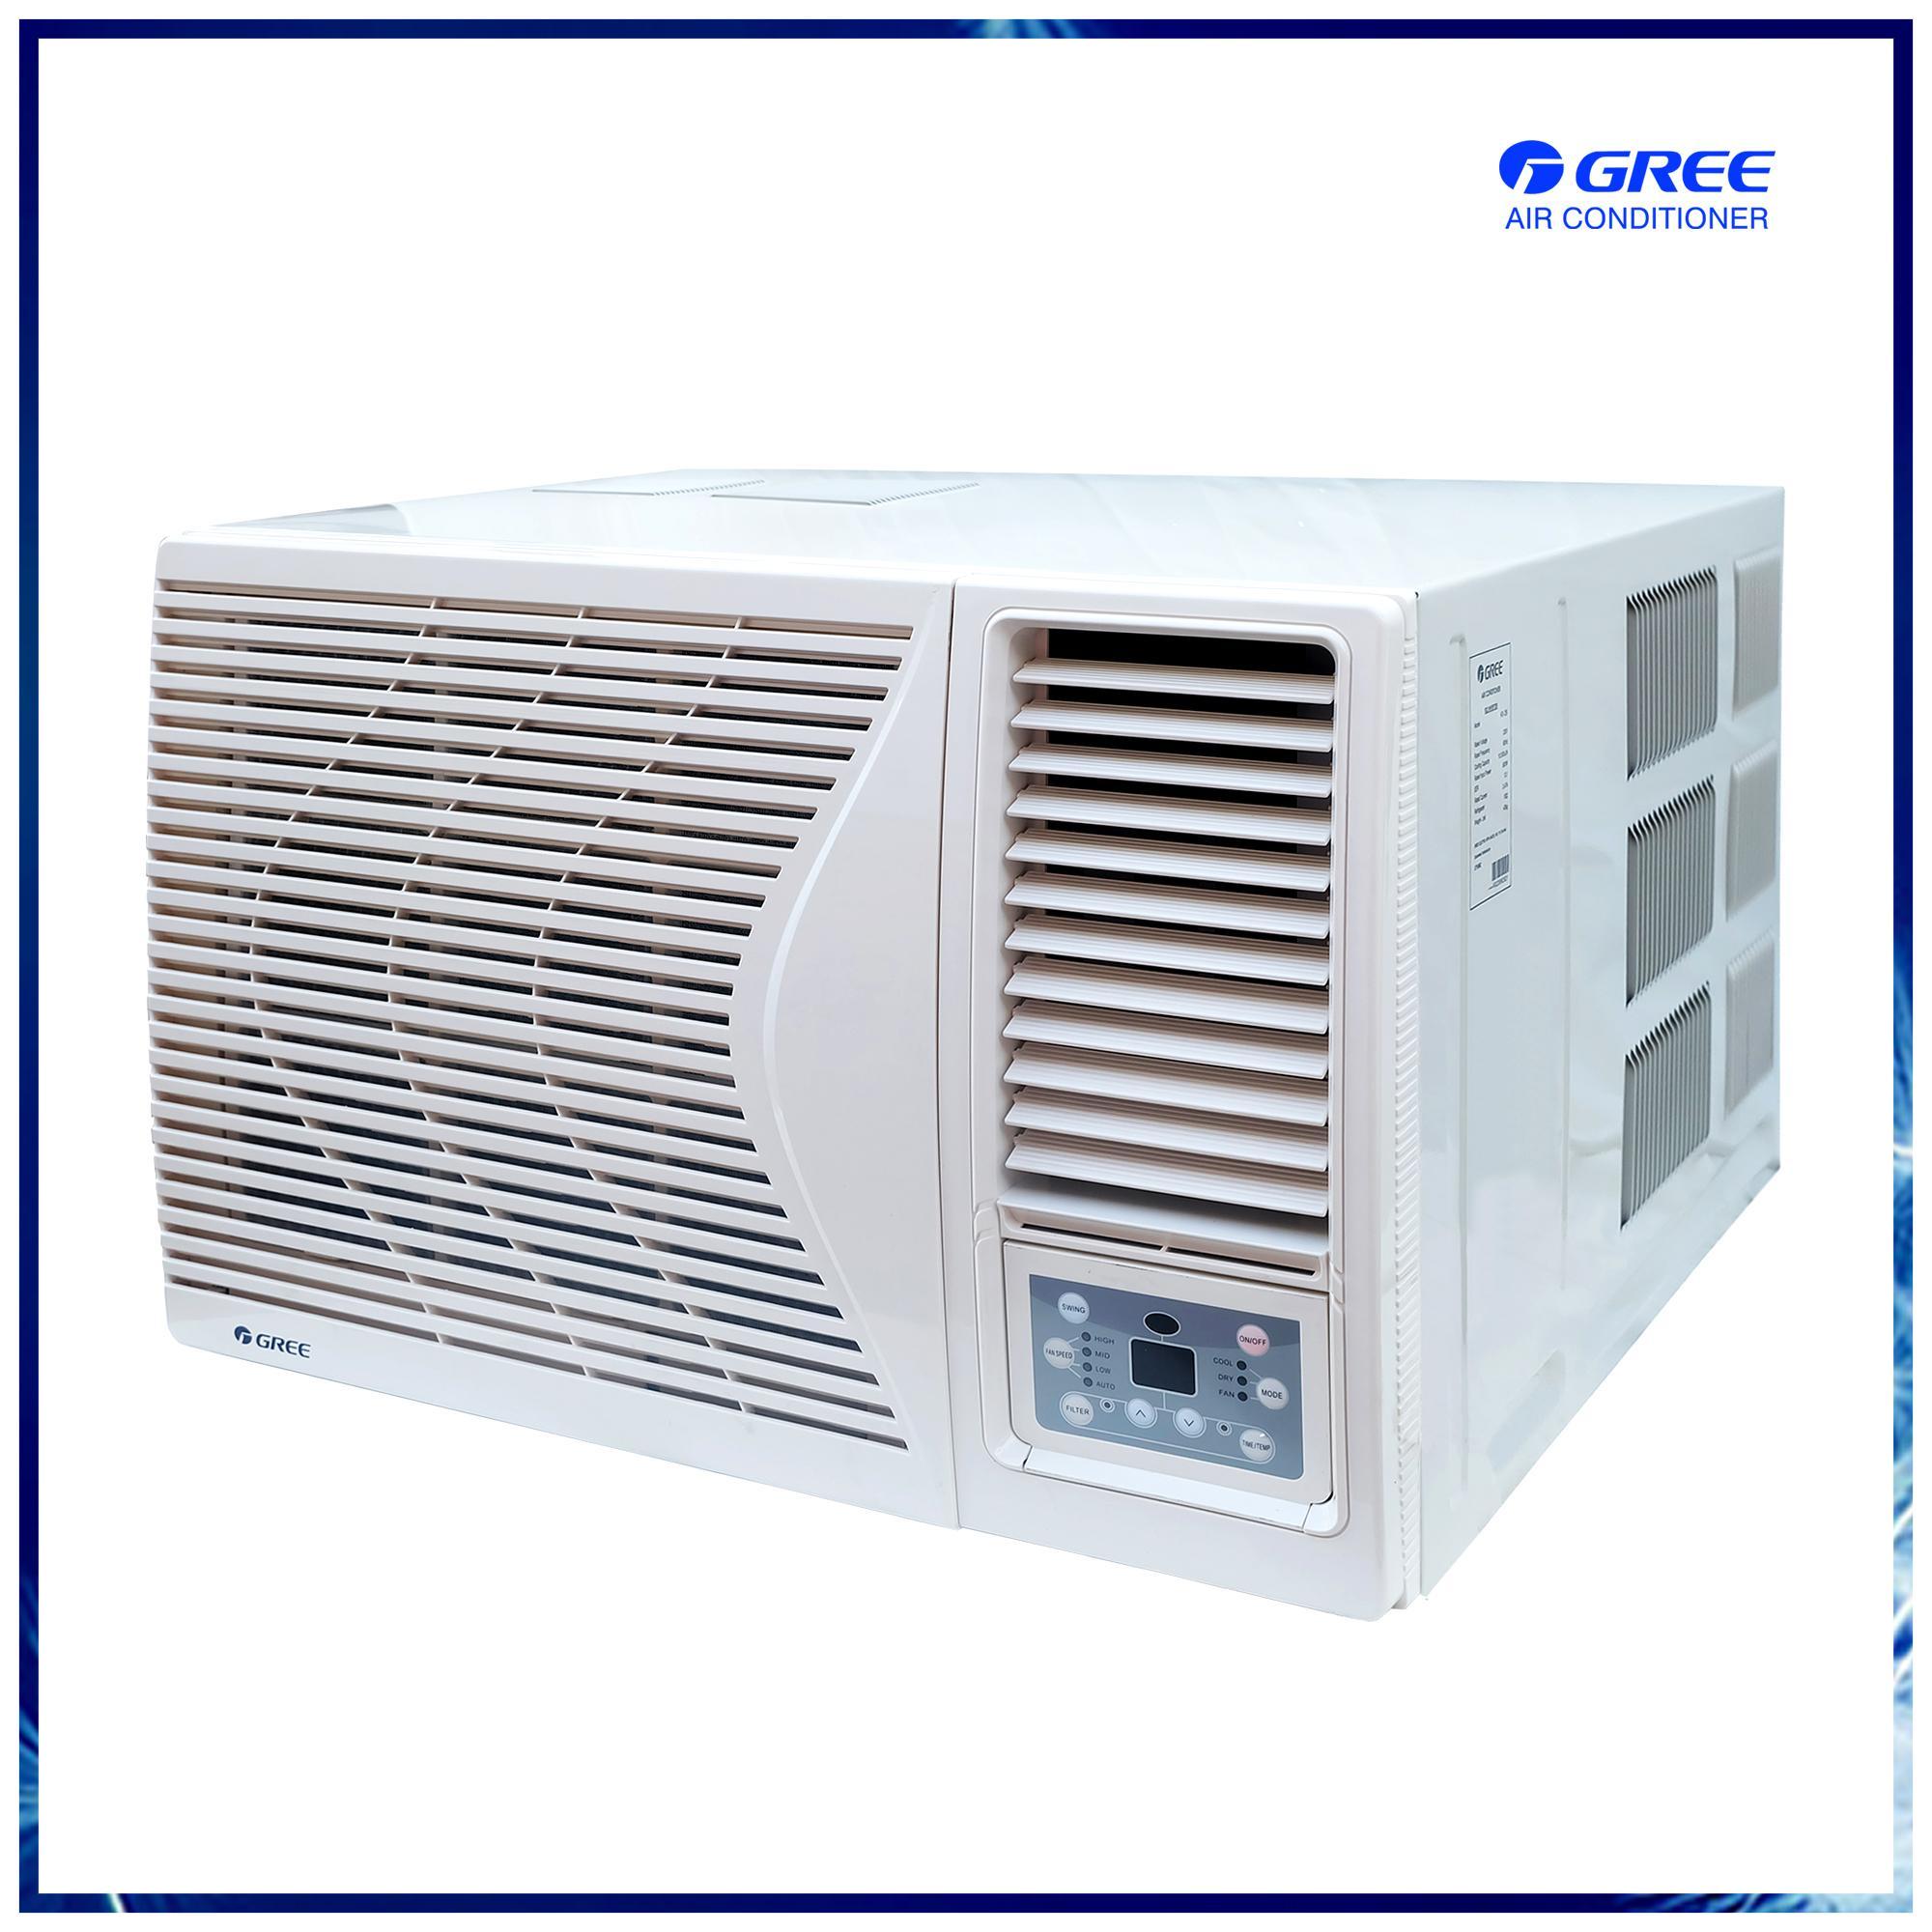 Gree 2 0 Non-Inverter KX-45AP Window Type Airconditioner (Remote)